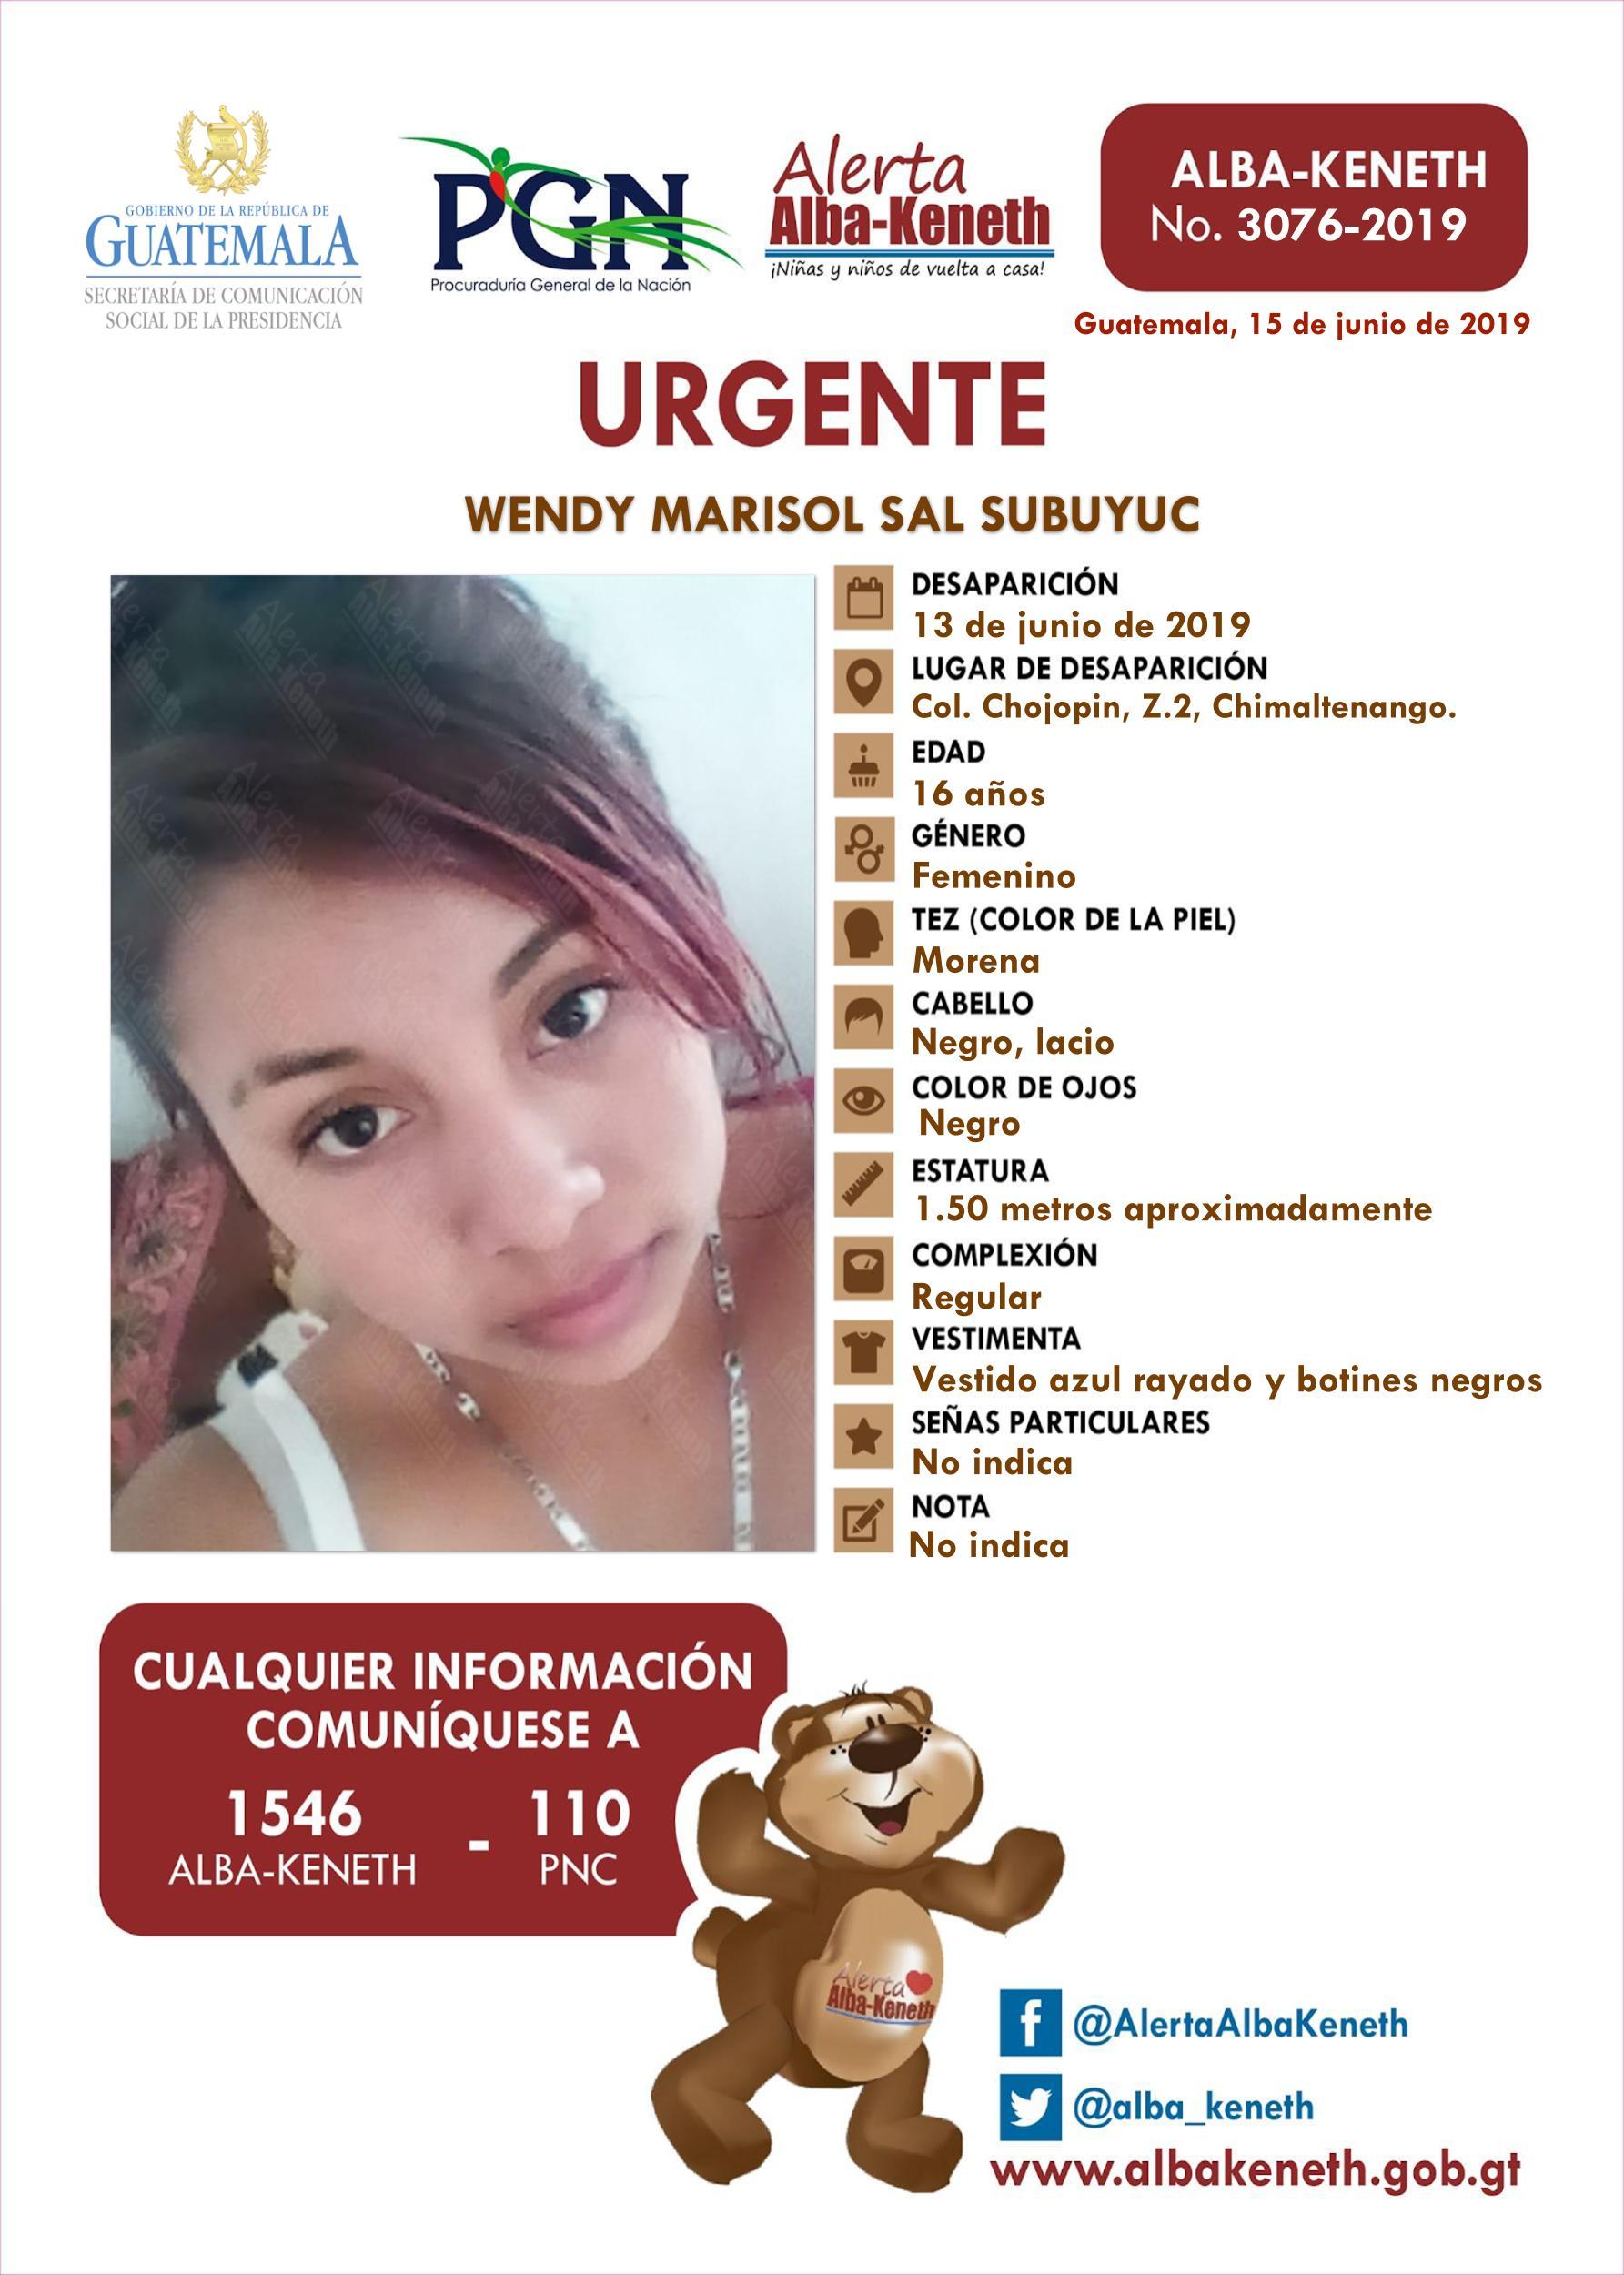 Wendy Marisol Sal Subuyuc